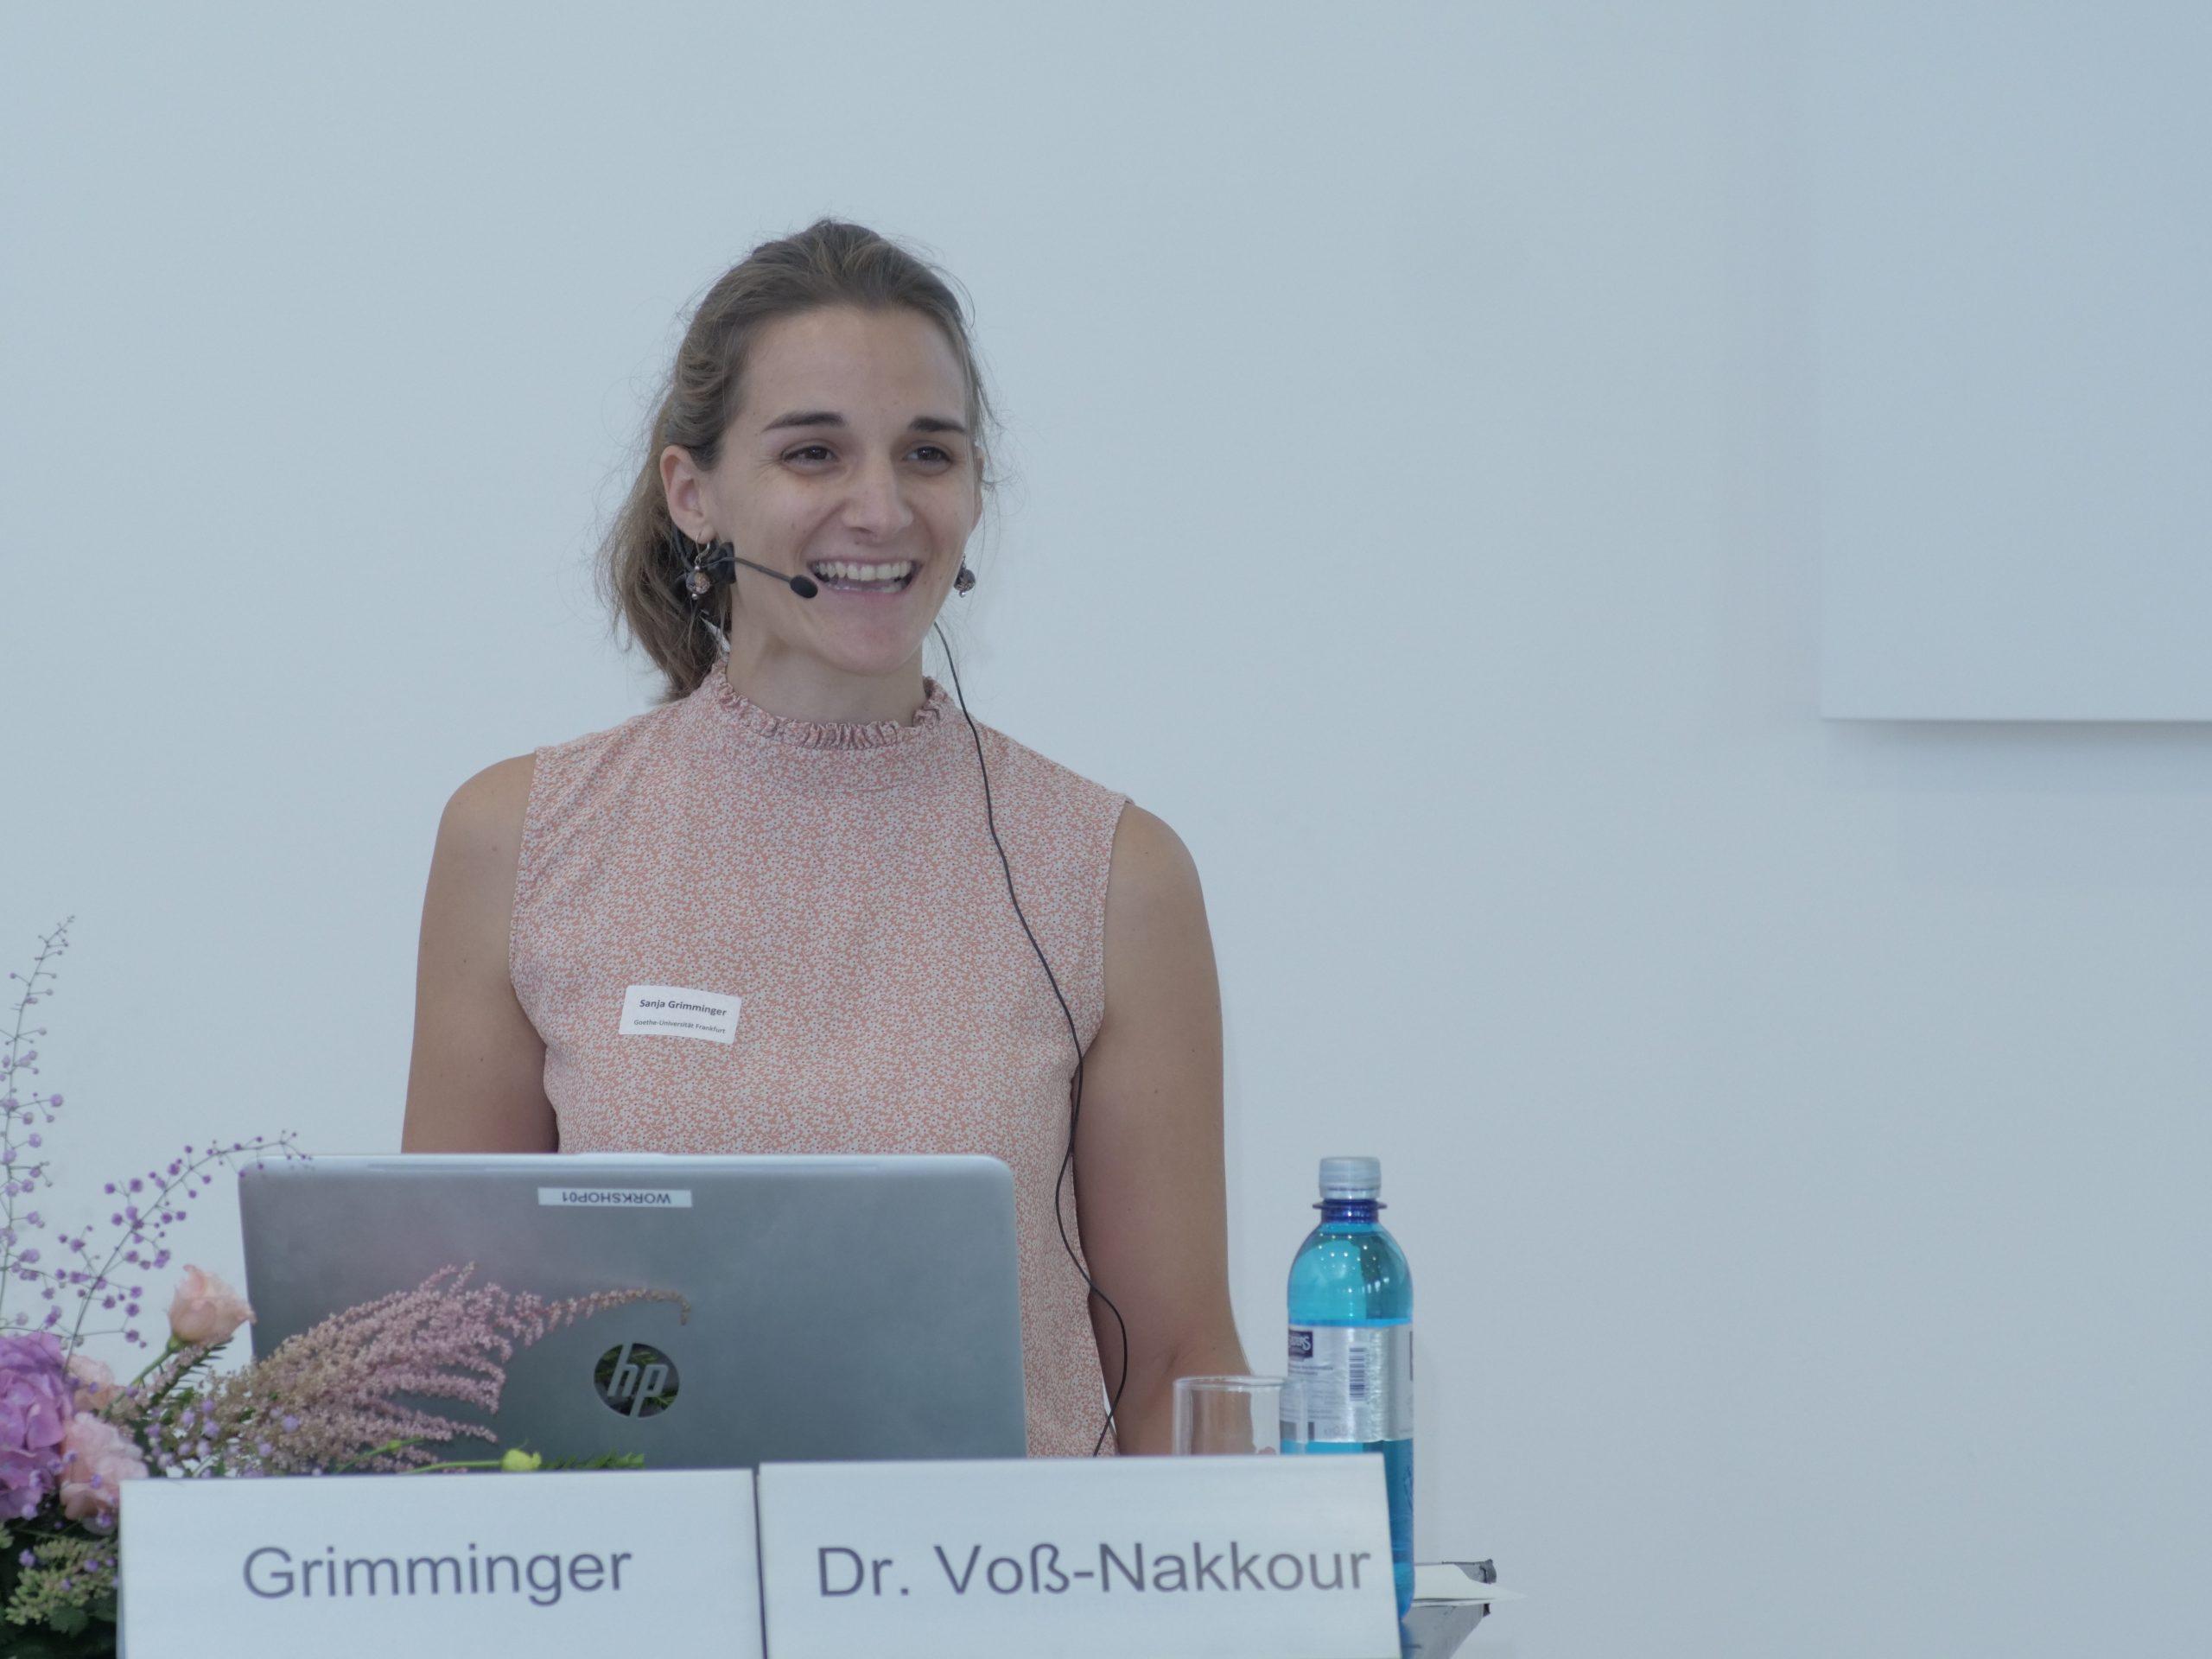 Sanja Grimminger eröffnet das Vernetzungstreffen mit den Umfrageergebnissen.